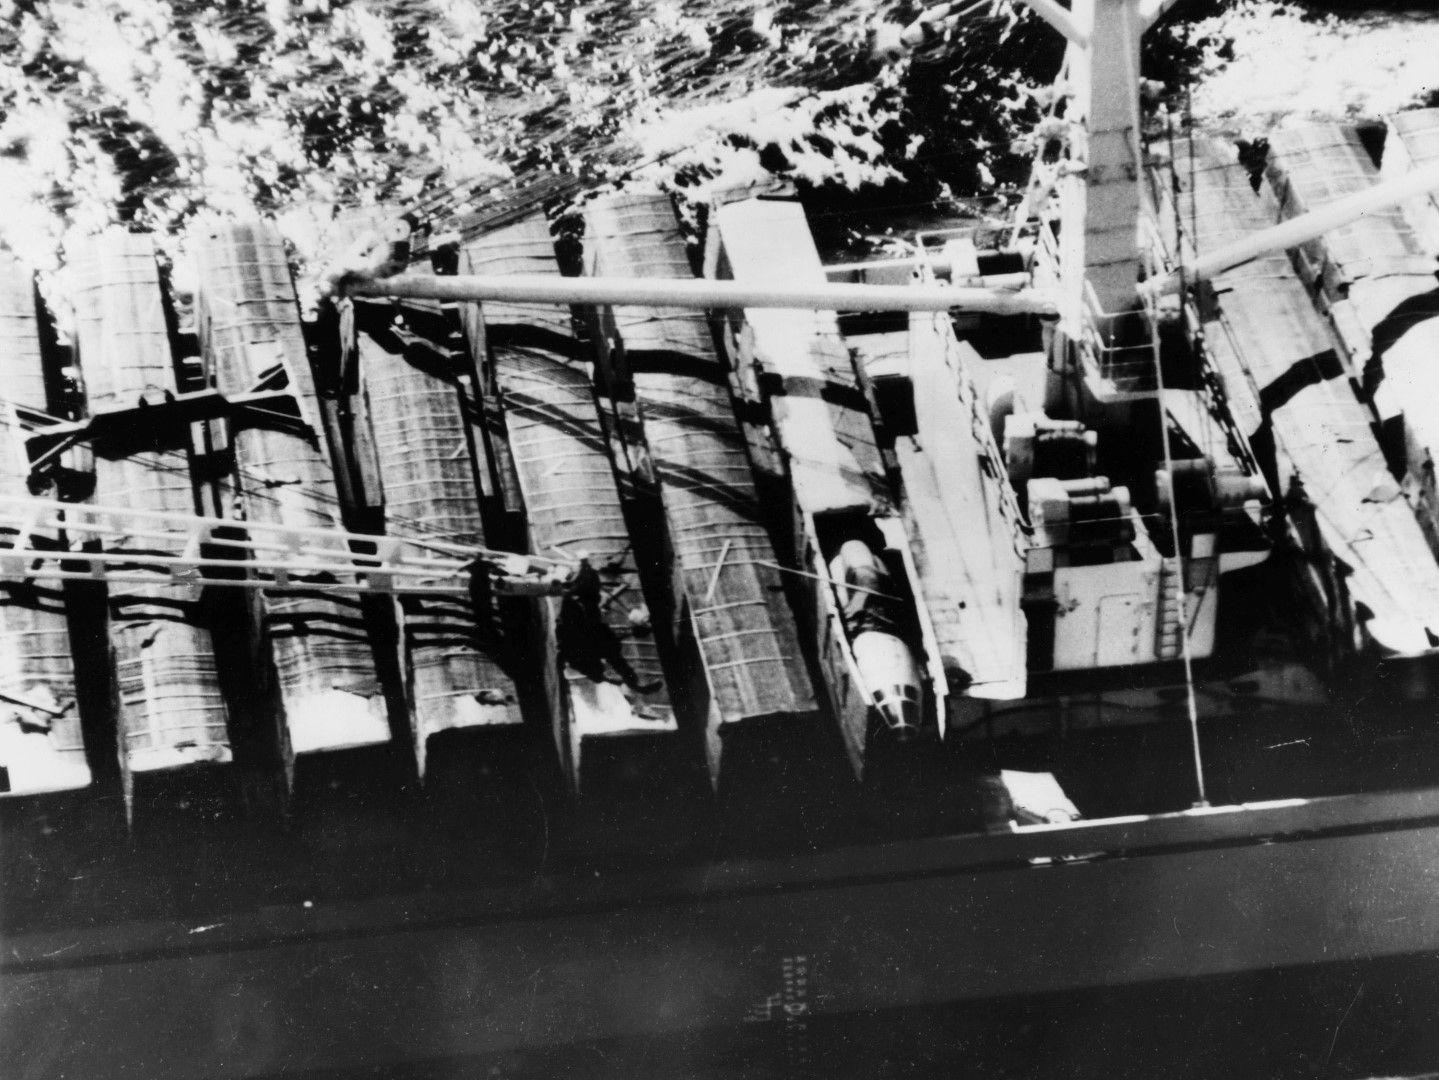 След заповед на Хрушчов, ракетите са отнесени обратно